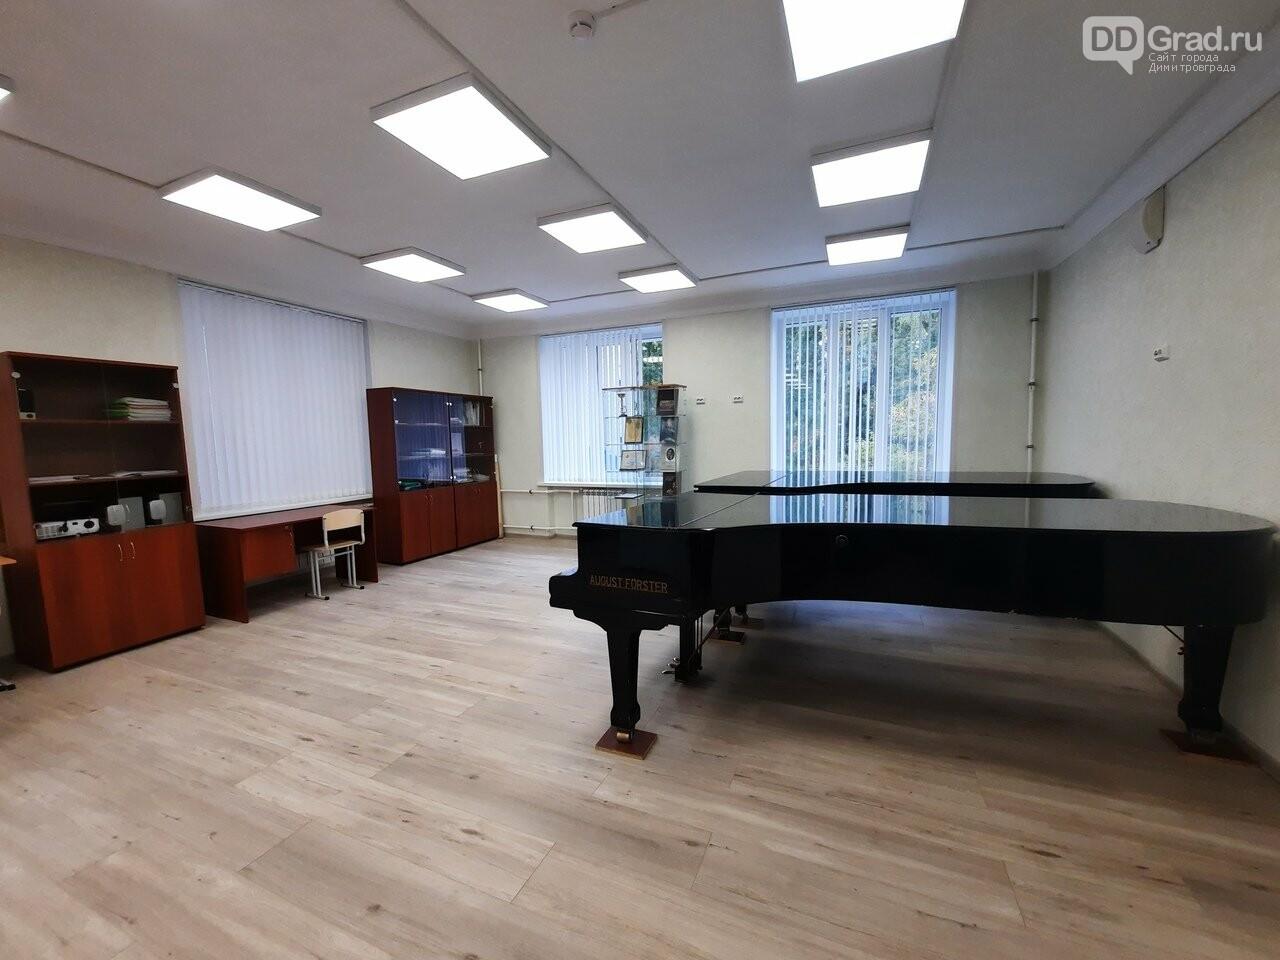 Димитровградский музыкальный колледж открылся после ремонта, фото-4